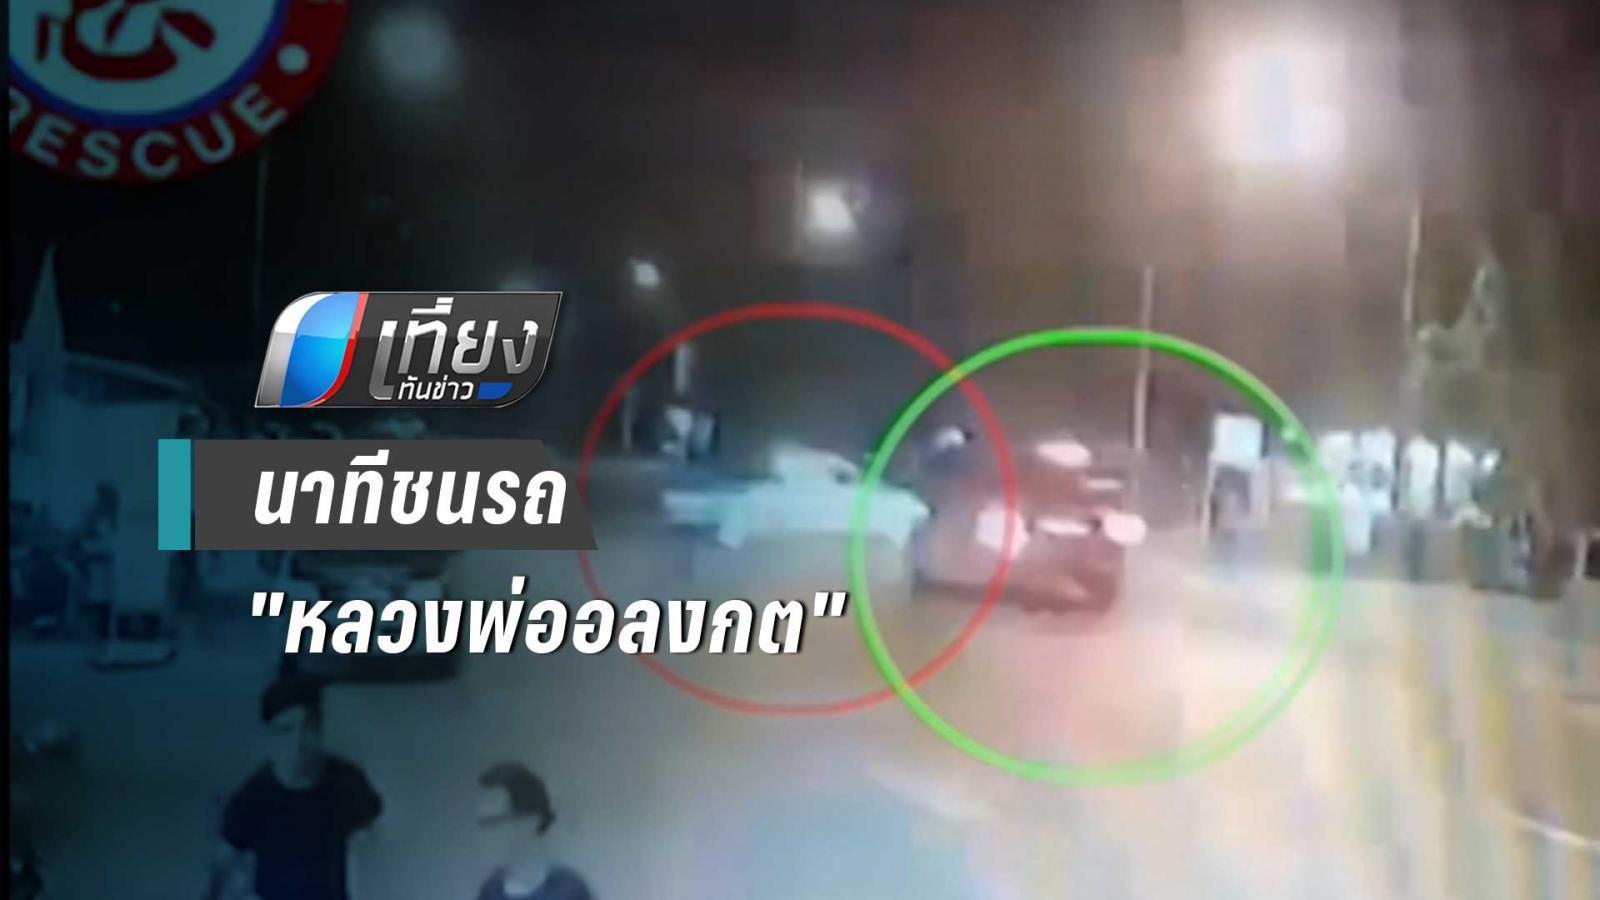 รถตู้หลวงพ่ออลงกต ชนรถกระบะ คู่กรณีเสียชีวิต 2 คน